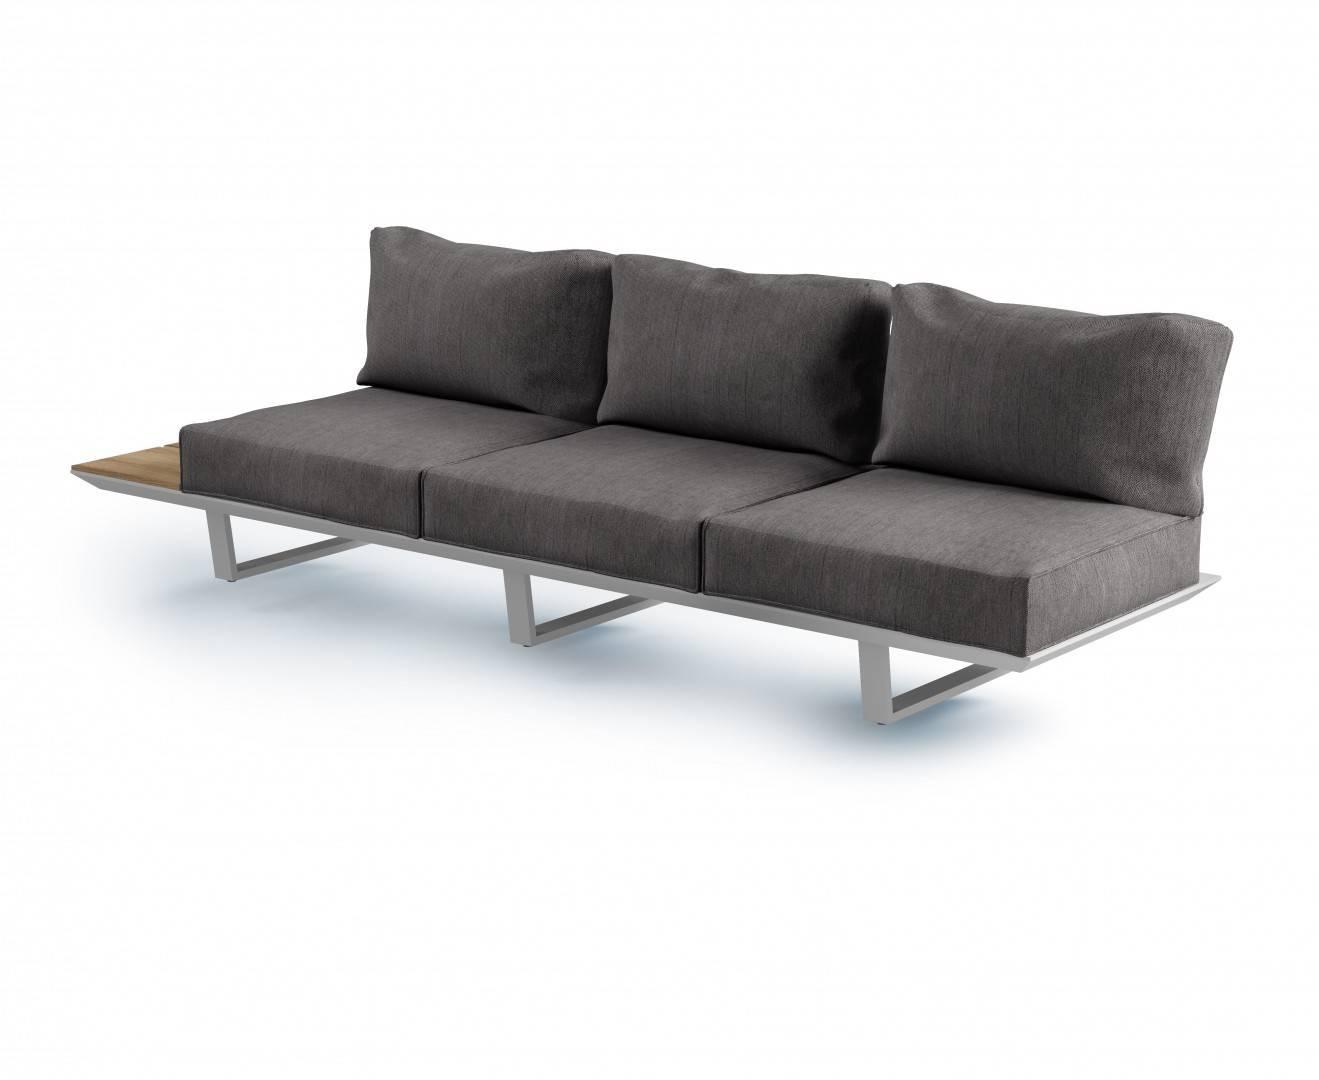 Záhradná hliníková sedacia súprava CORIA II light grey